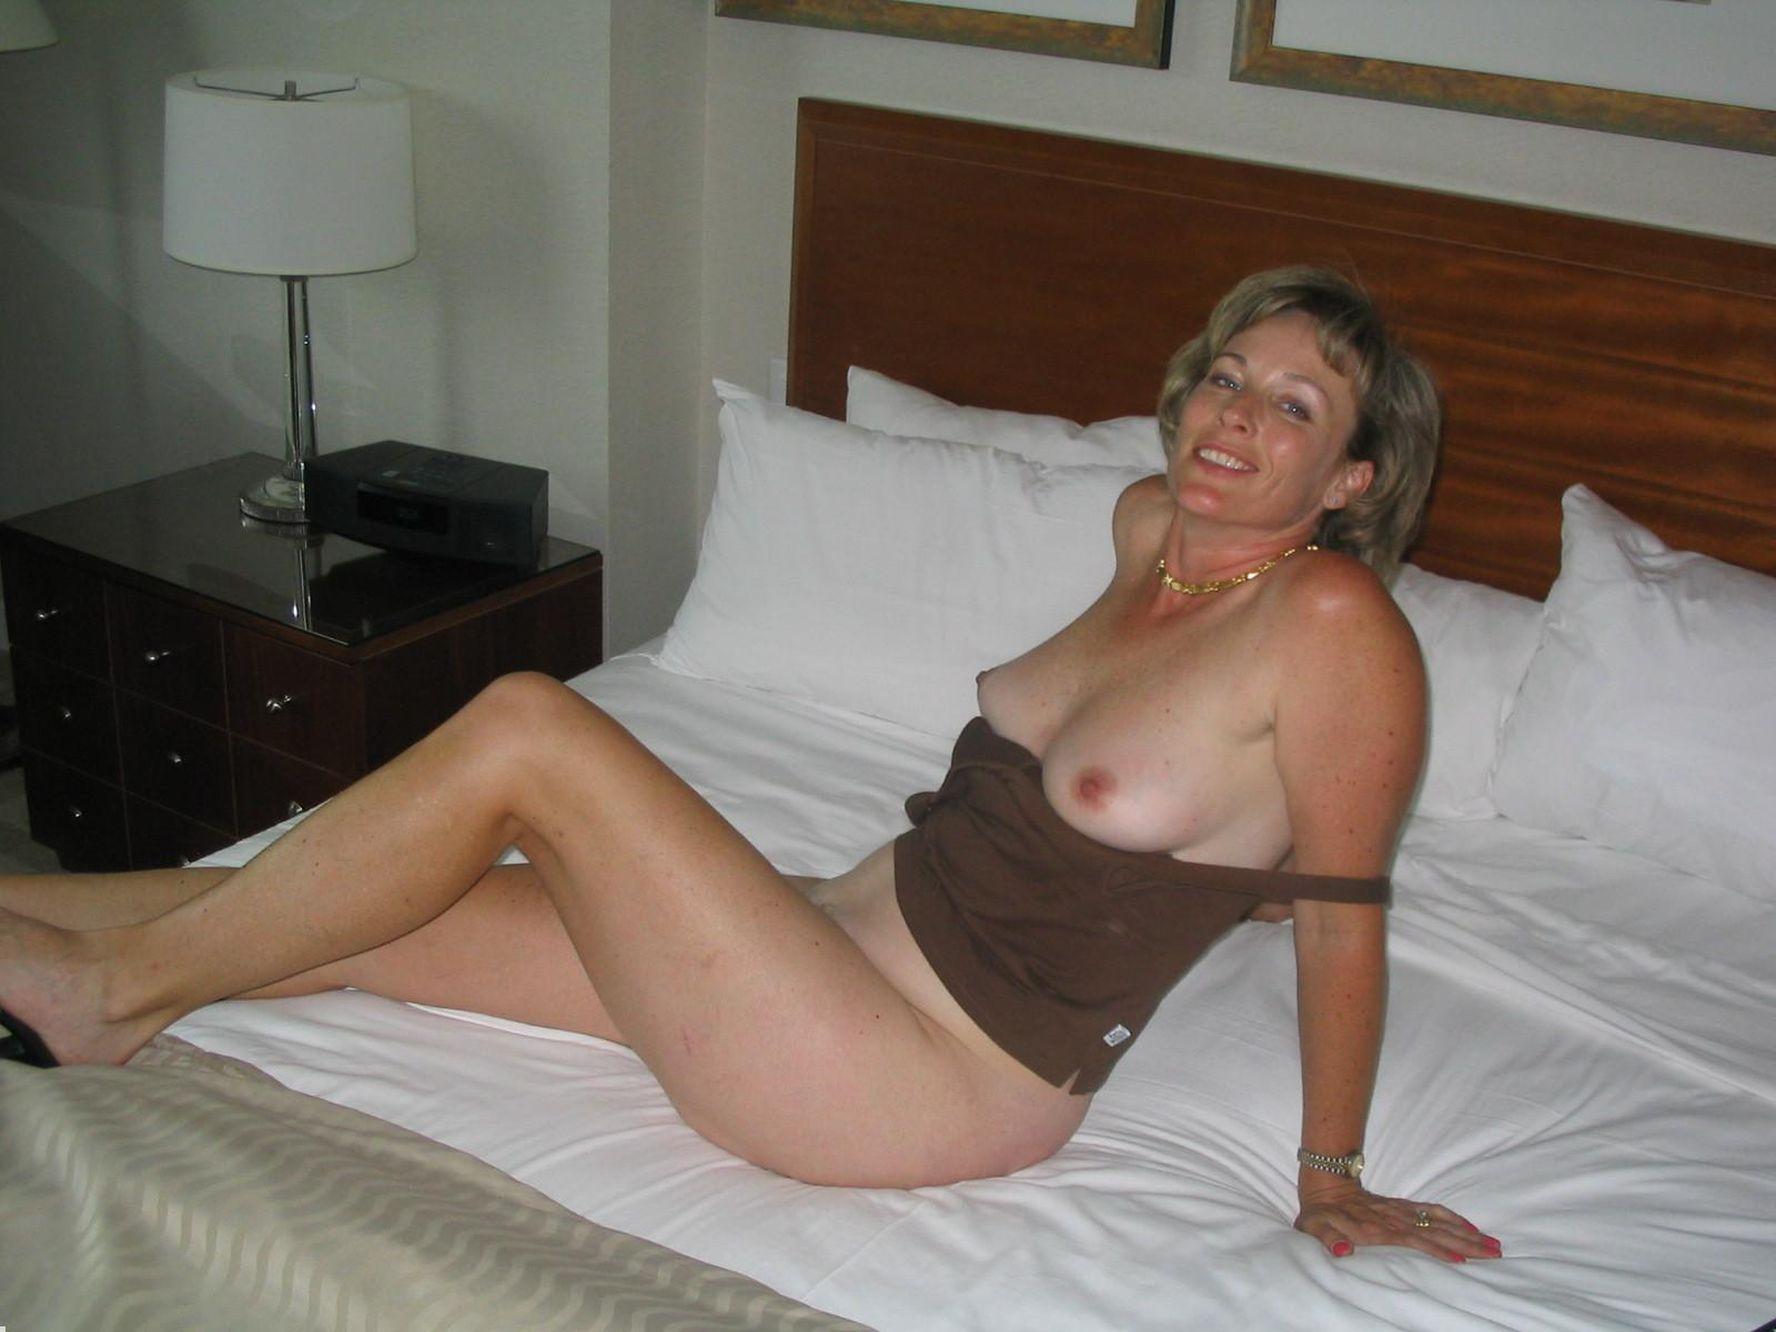 Фото зрелой 55 летней женщины 12 фотография